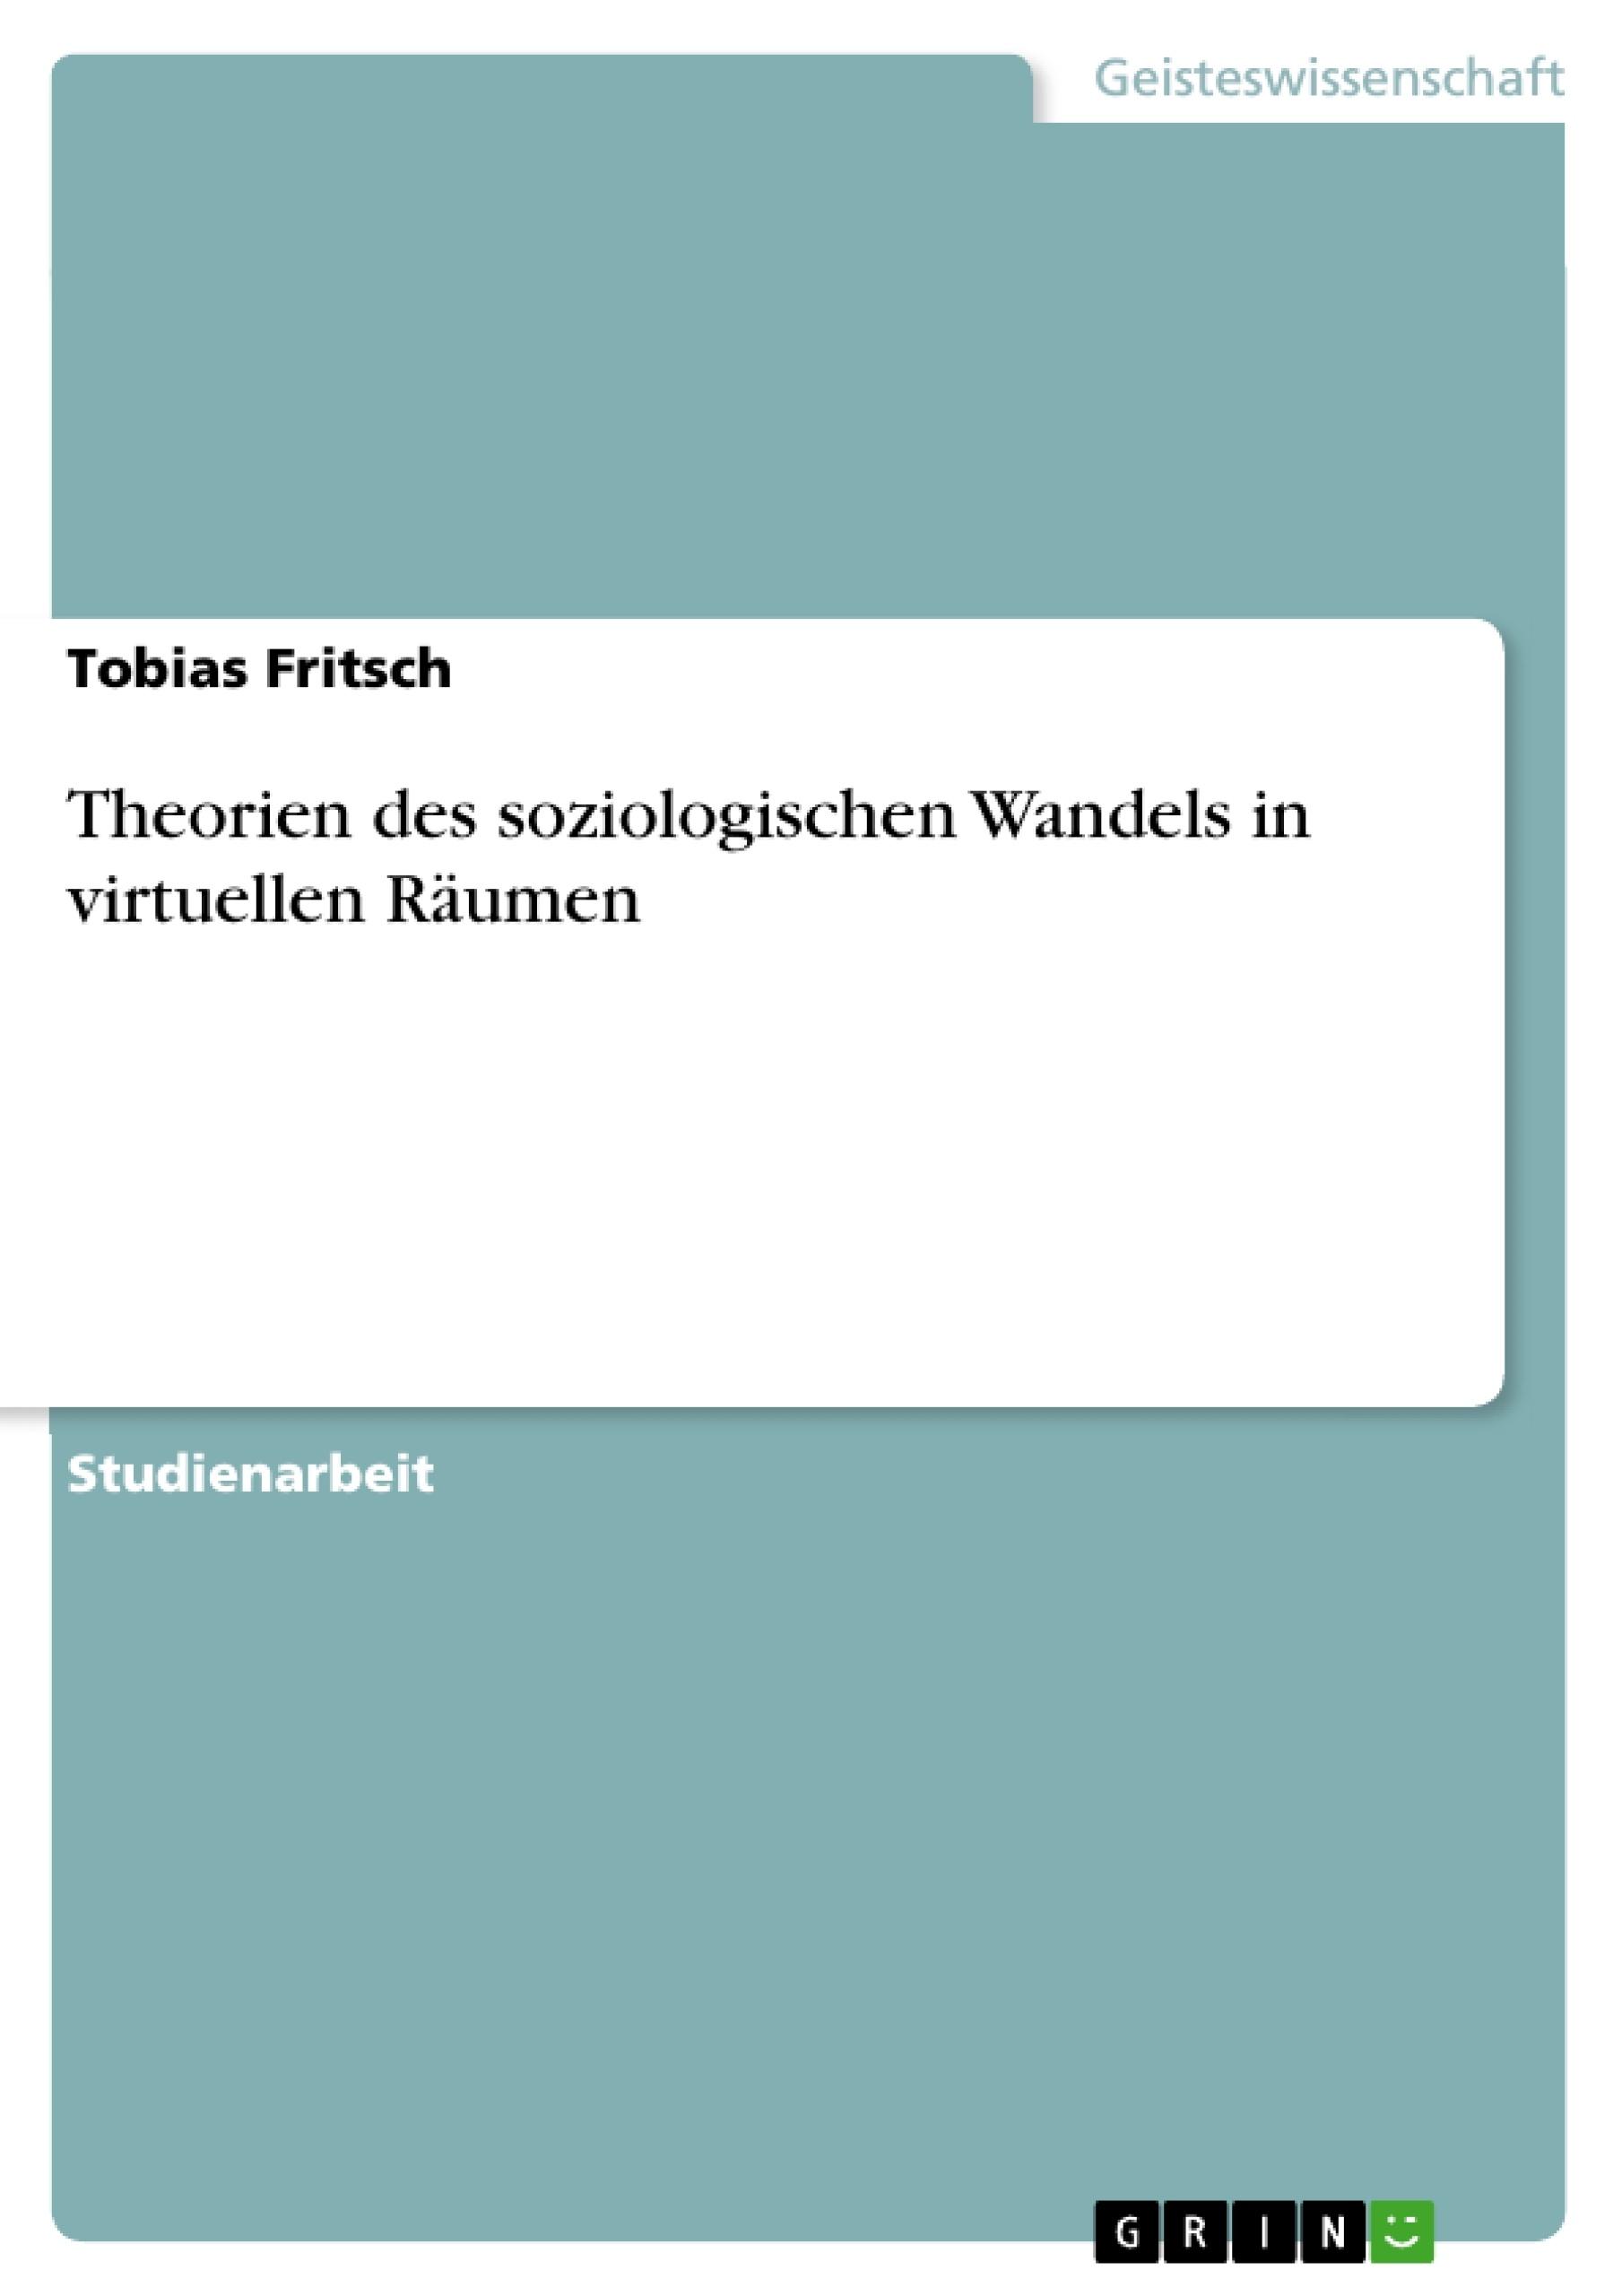 Titel: Theorien des soziologischen Wandels in virtuellen Räumen